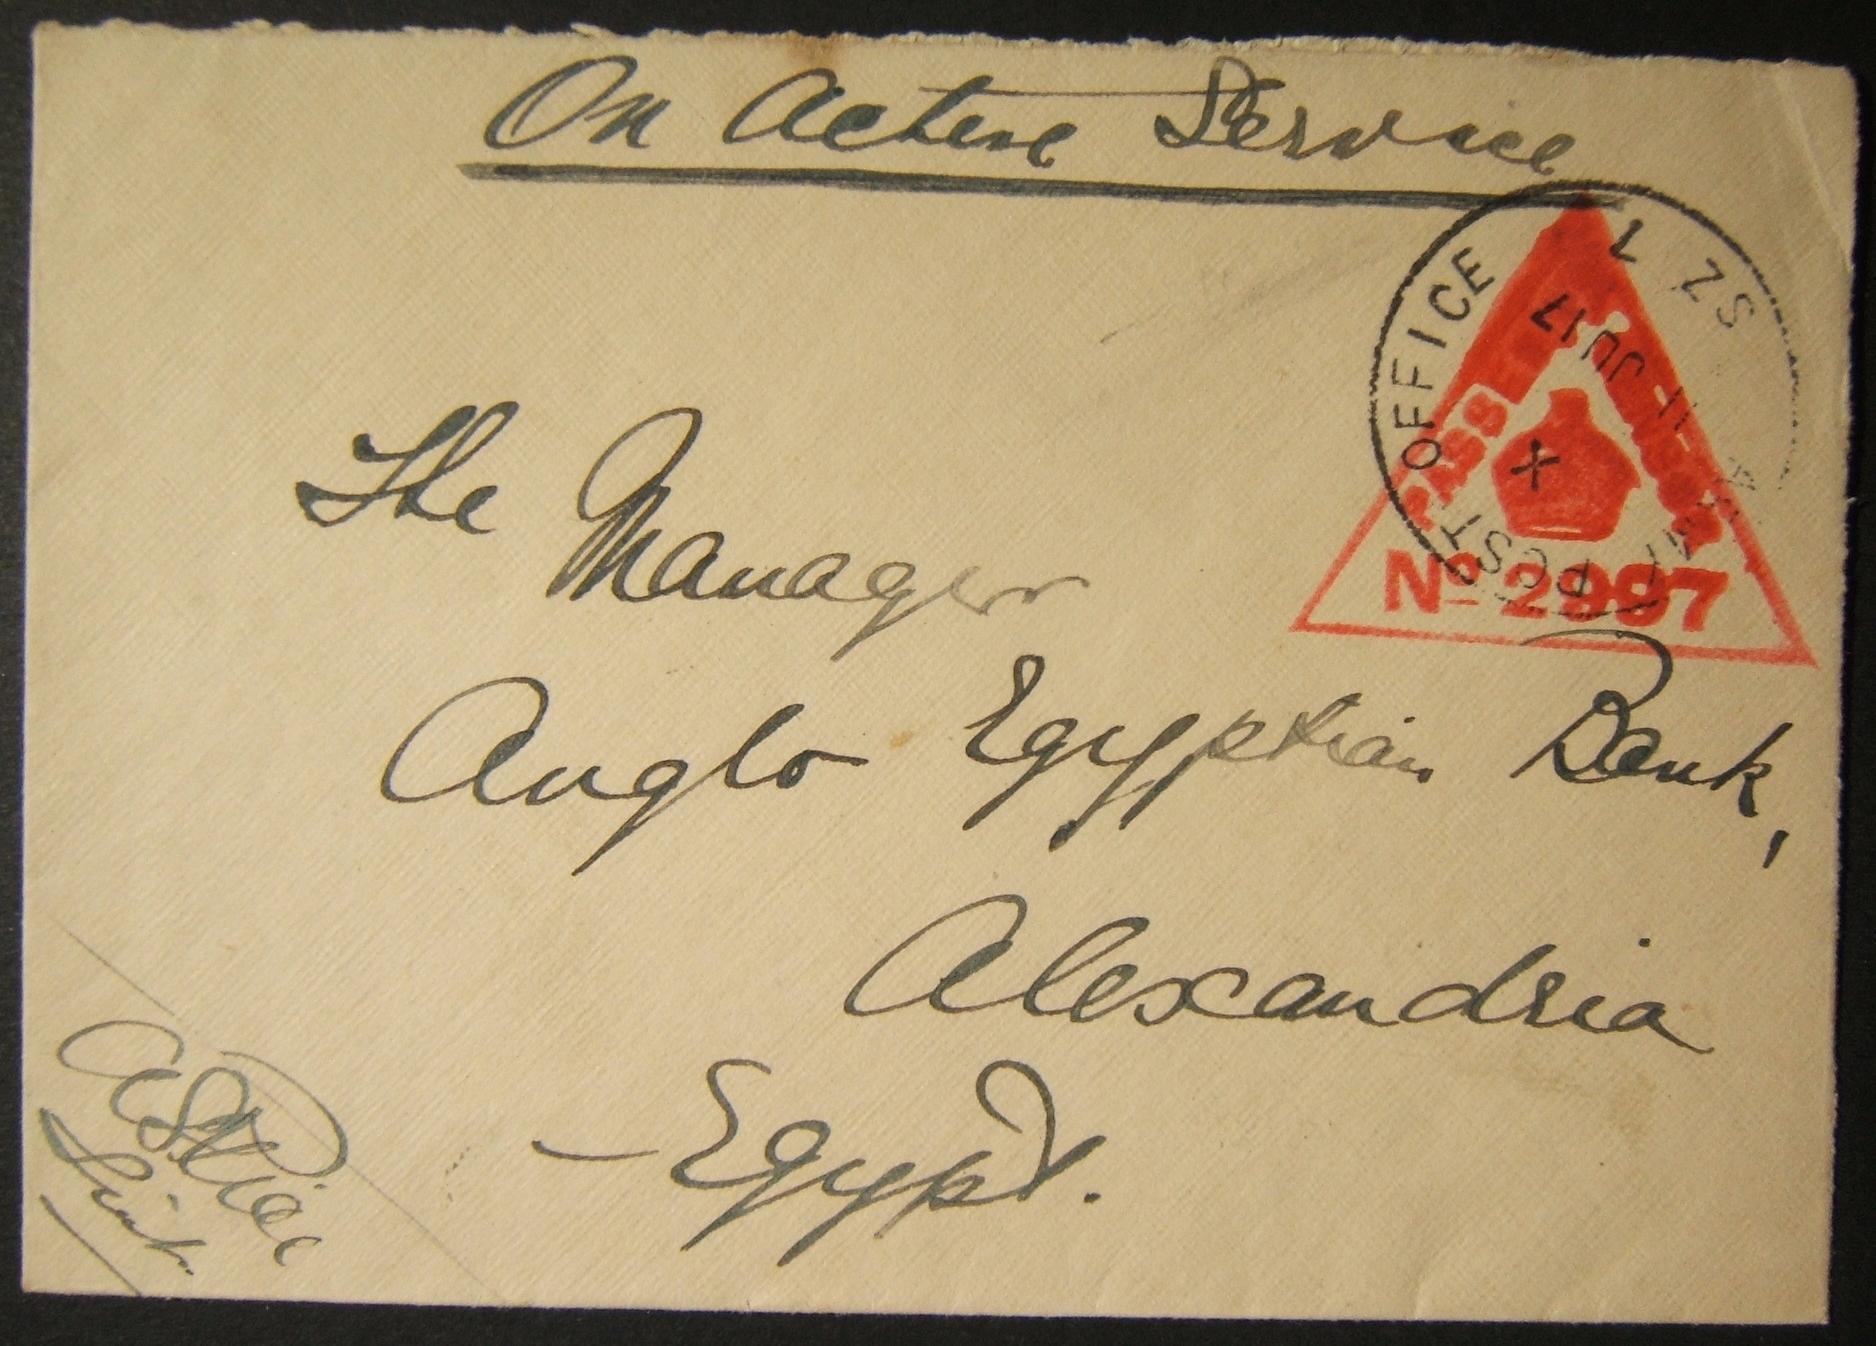 7/1917 WWI مصر تقوم بطرد بريد عسكري بريطاني من APO SZ 7 (SINAI) إلى ألكسندريا